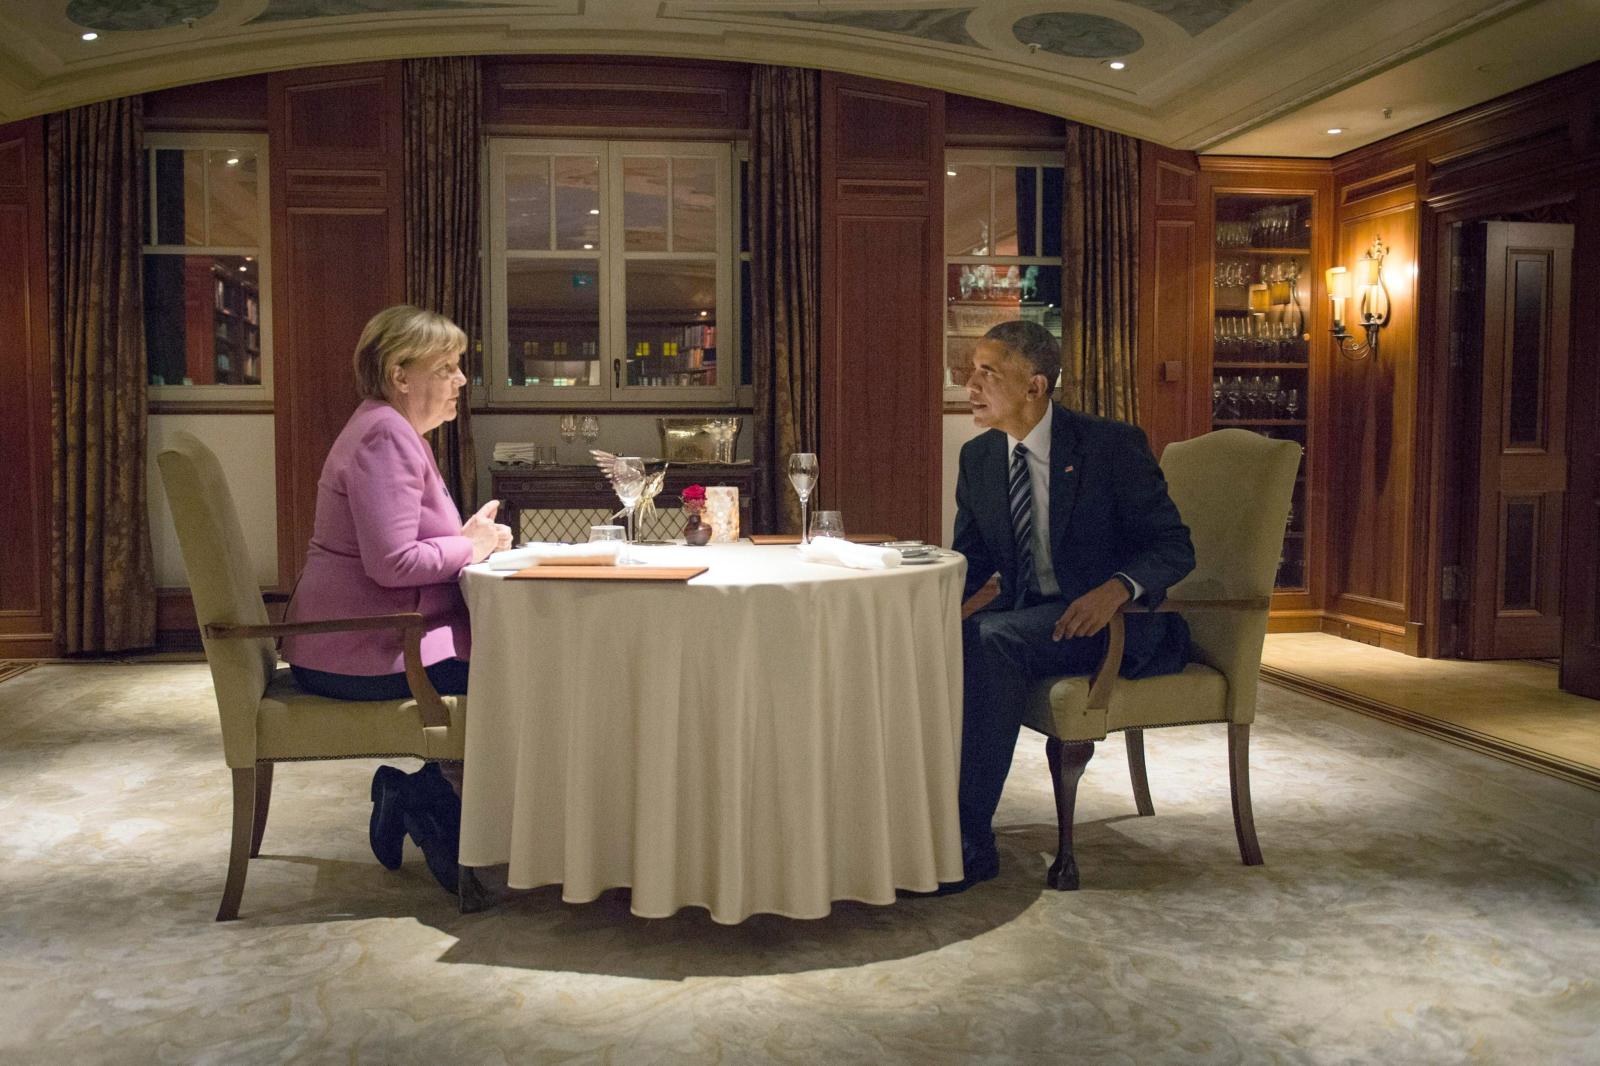 Wizyta Baracka Obamy w Niemczech. Fot.EPA/GUIDOBERGMANN / BUNDESREGIERUNG